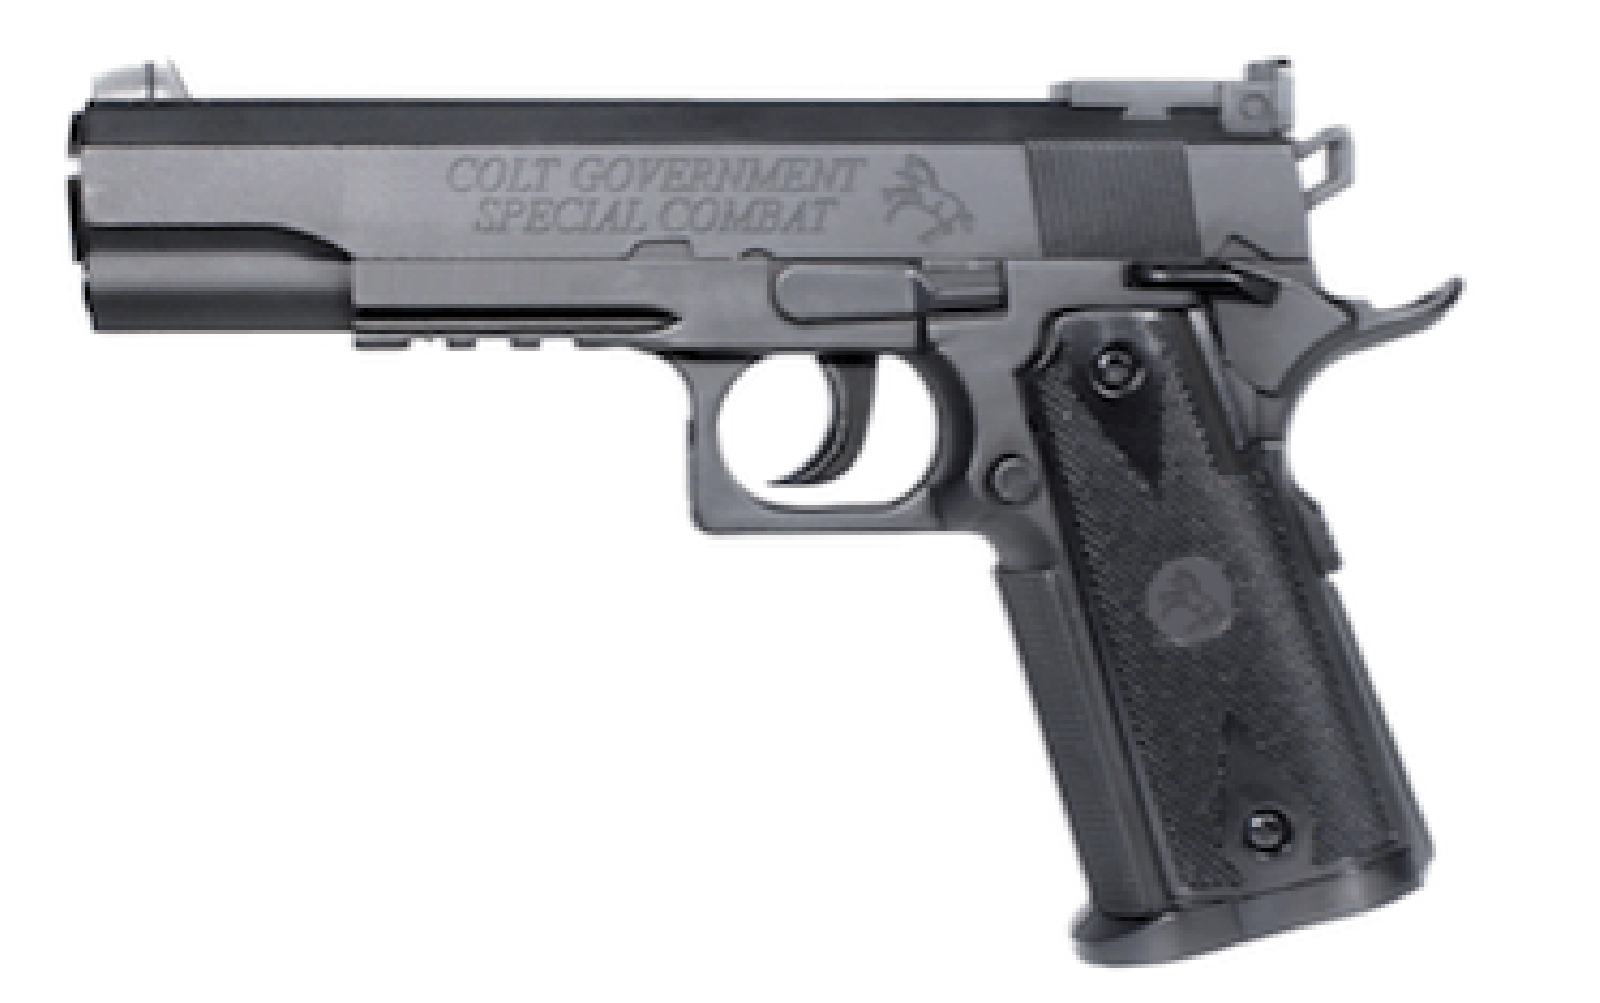 Billede af Cybergun Colt M1911 CO2 Non Blow Back